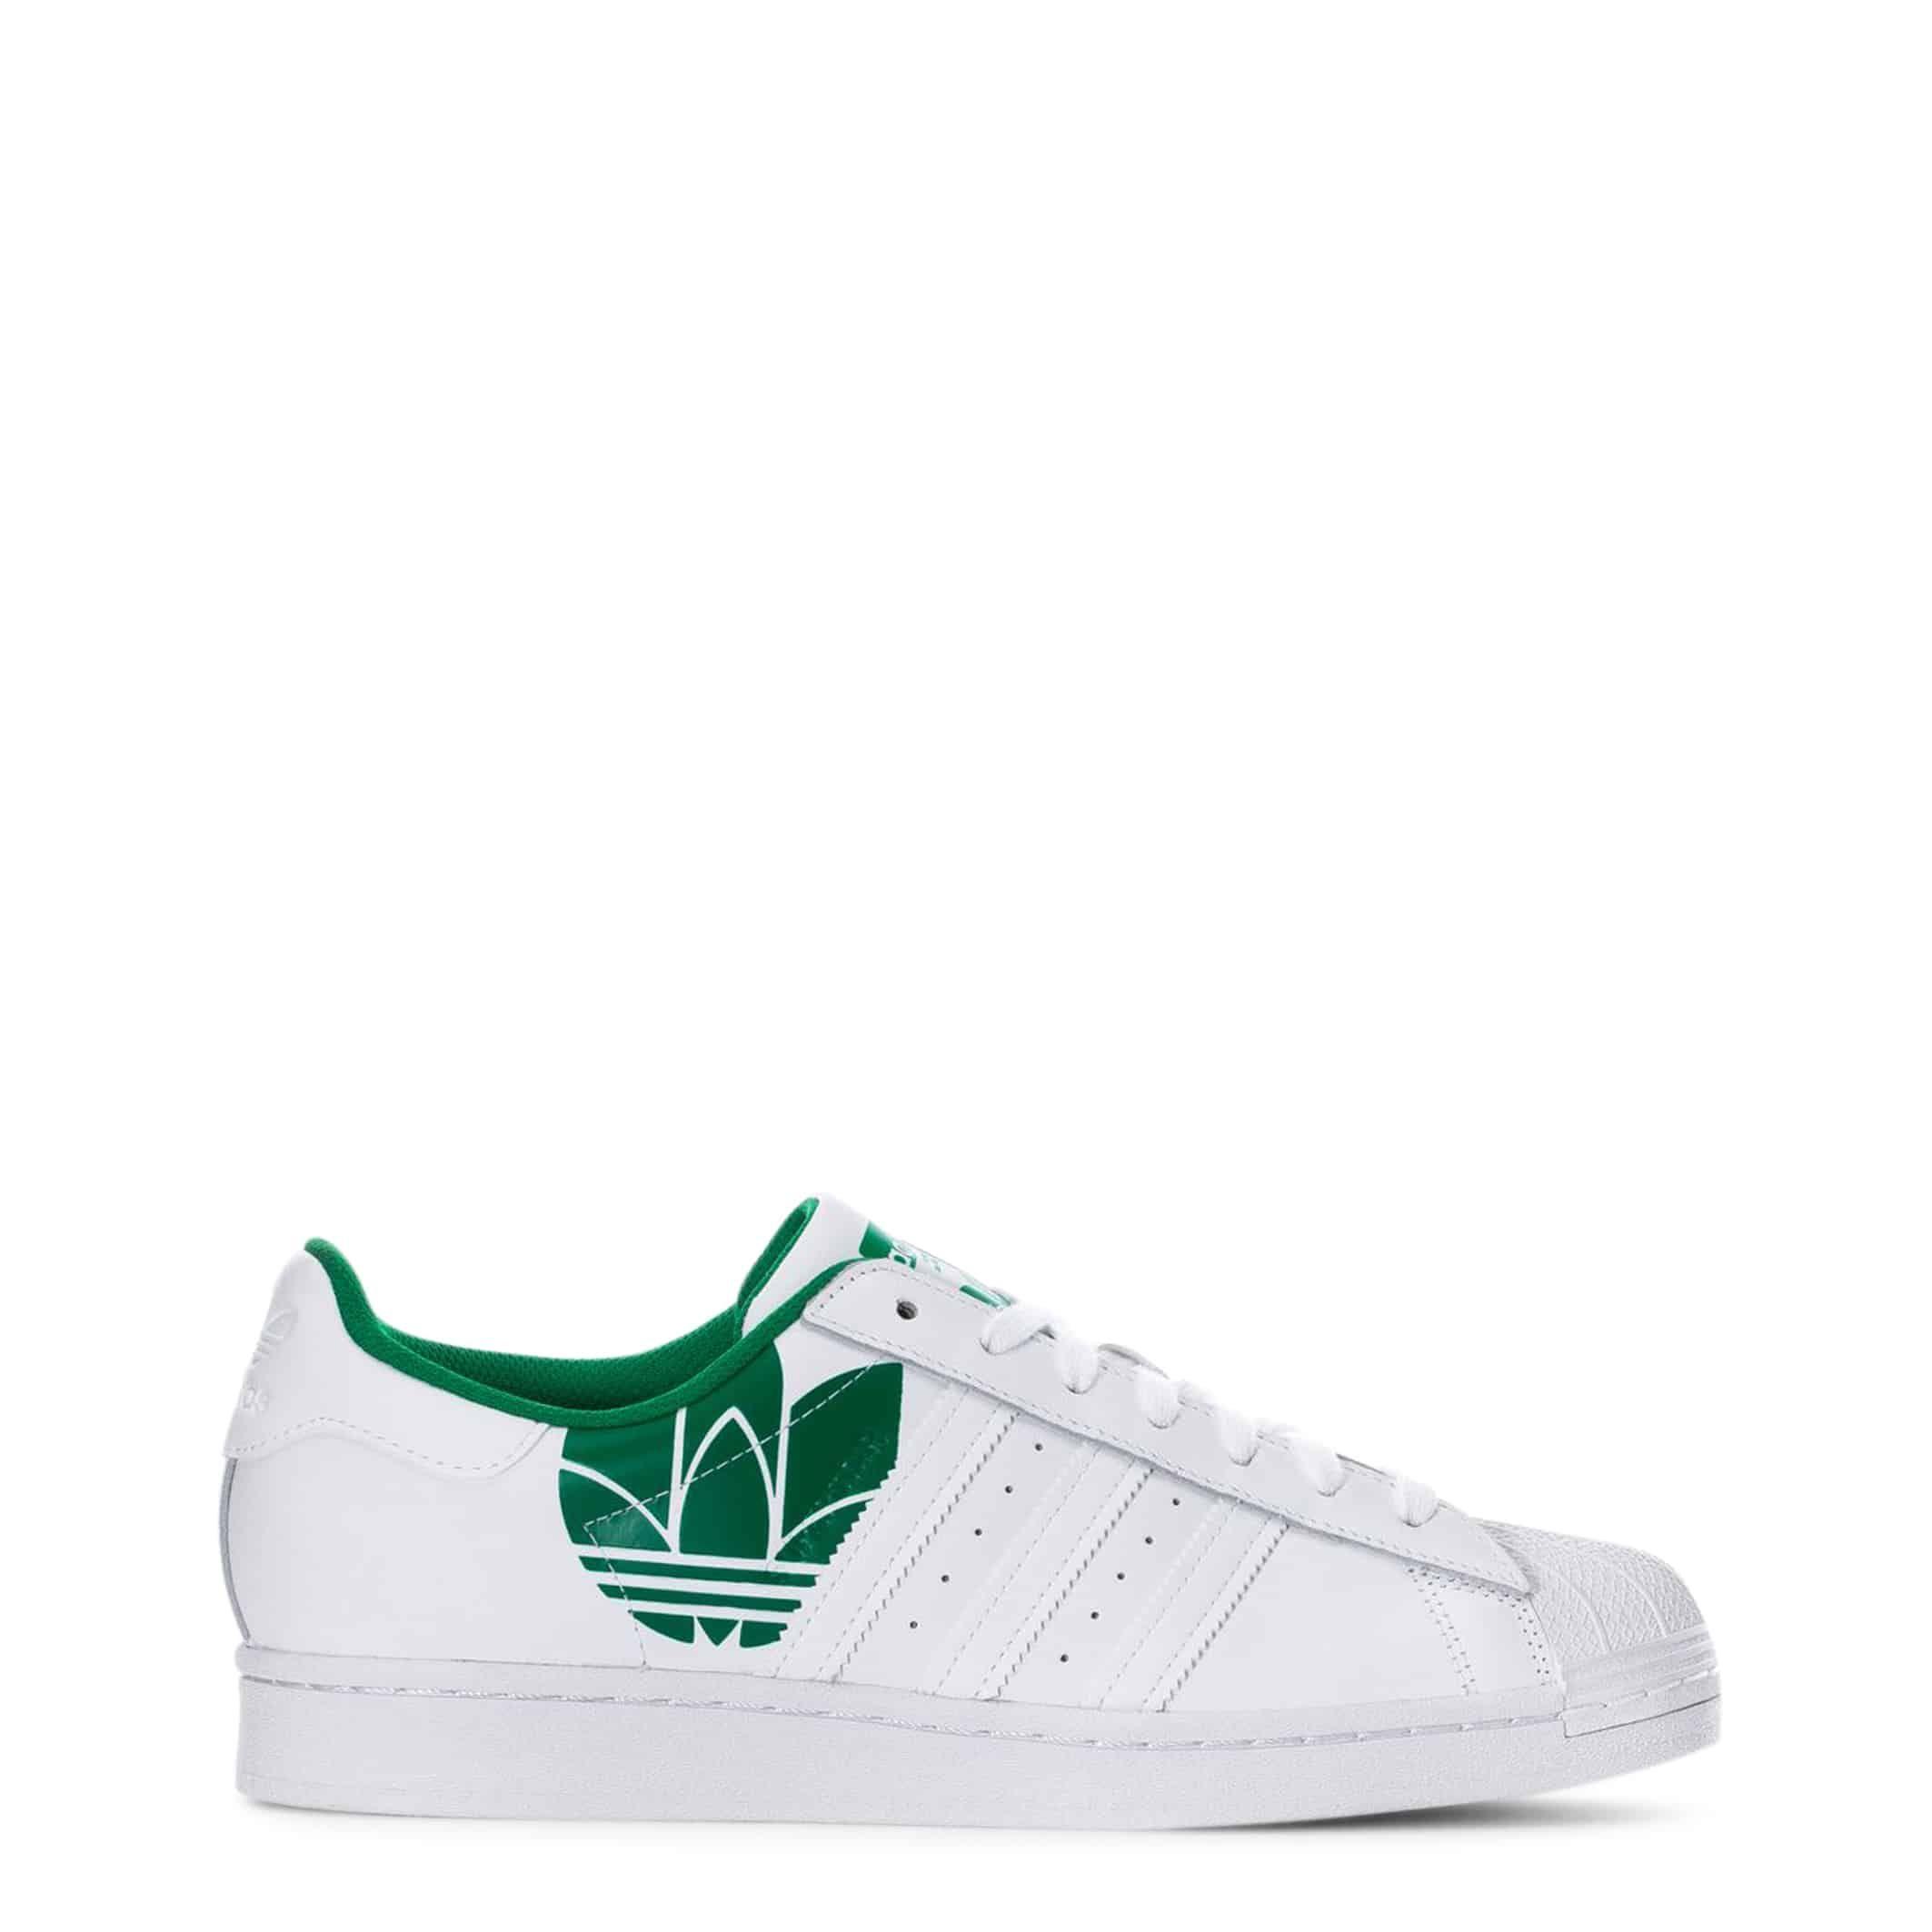 Schuhe Adidas – Superstar